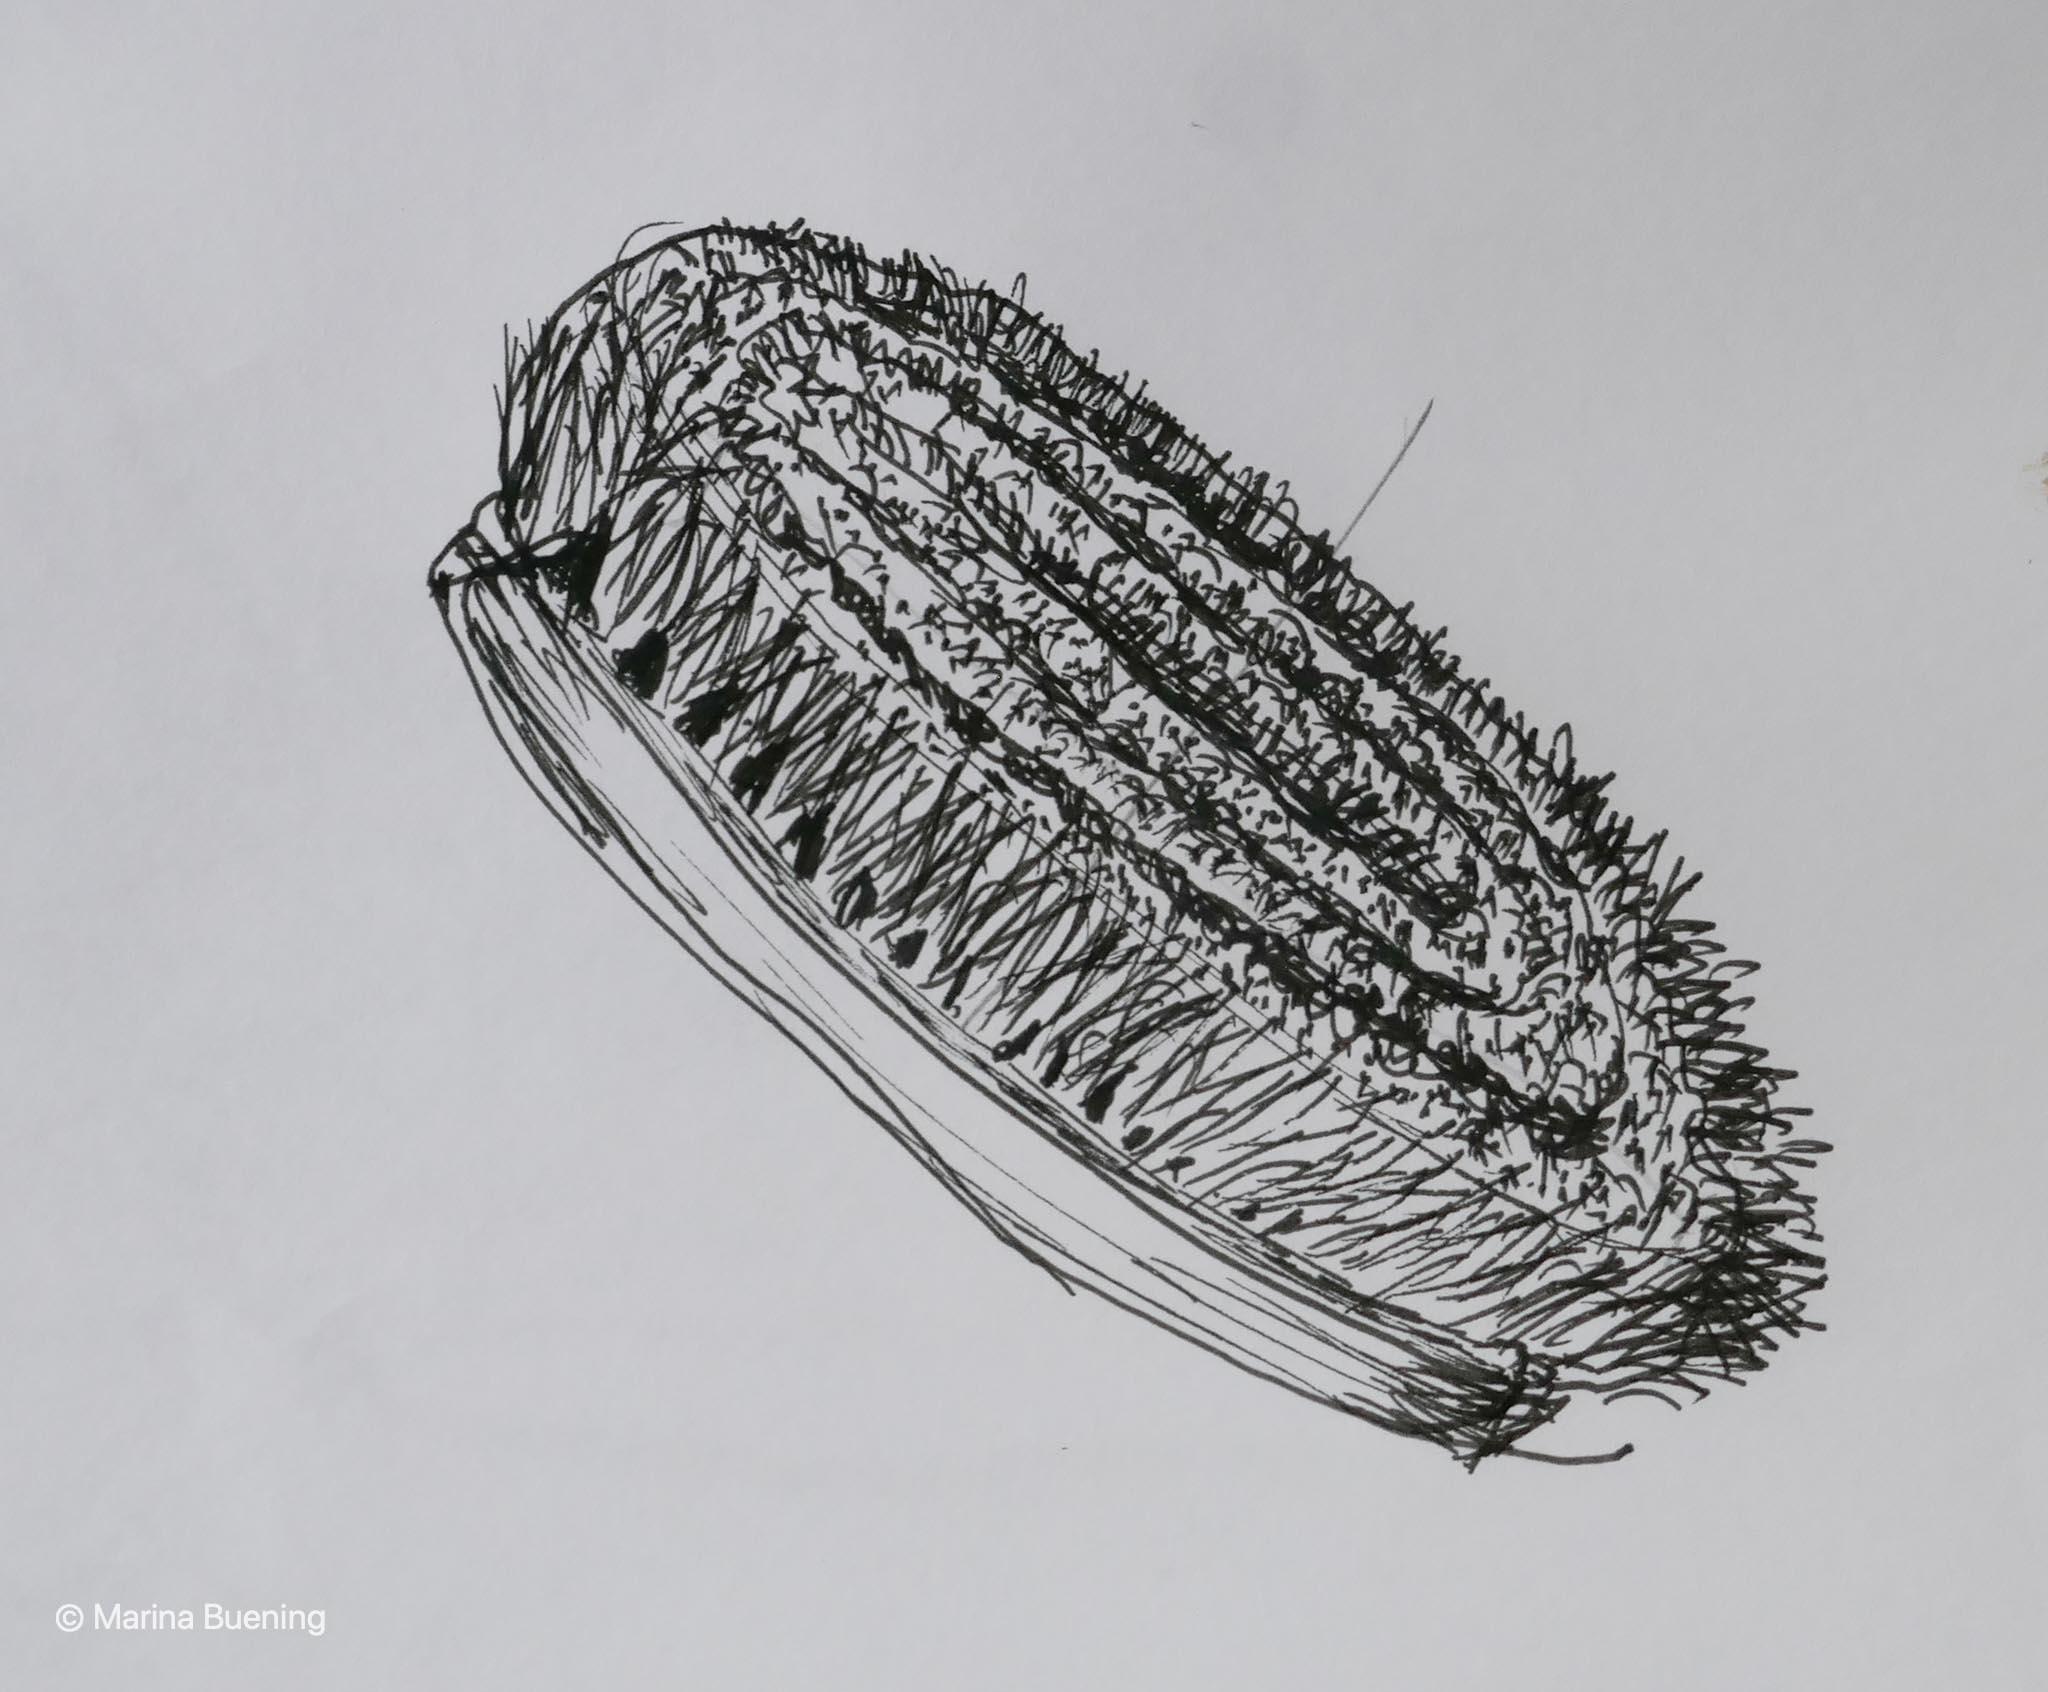 Bürste zeichnen